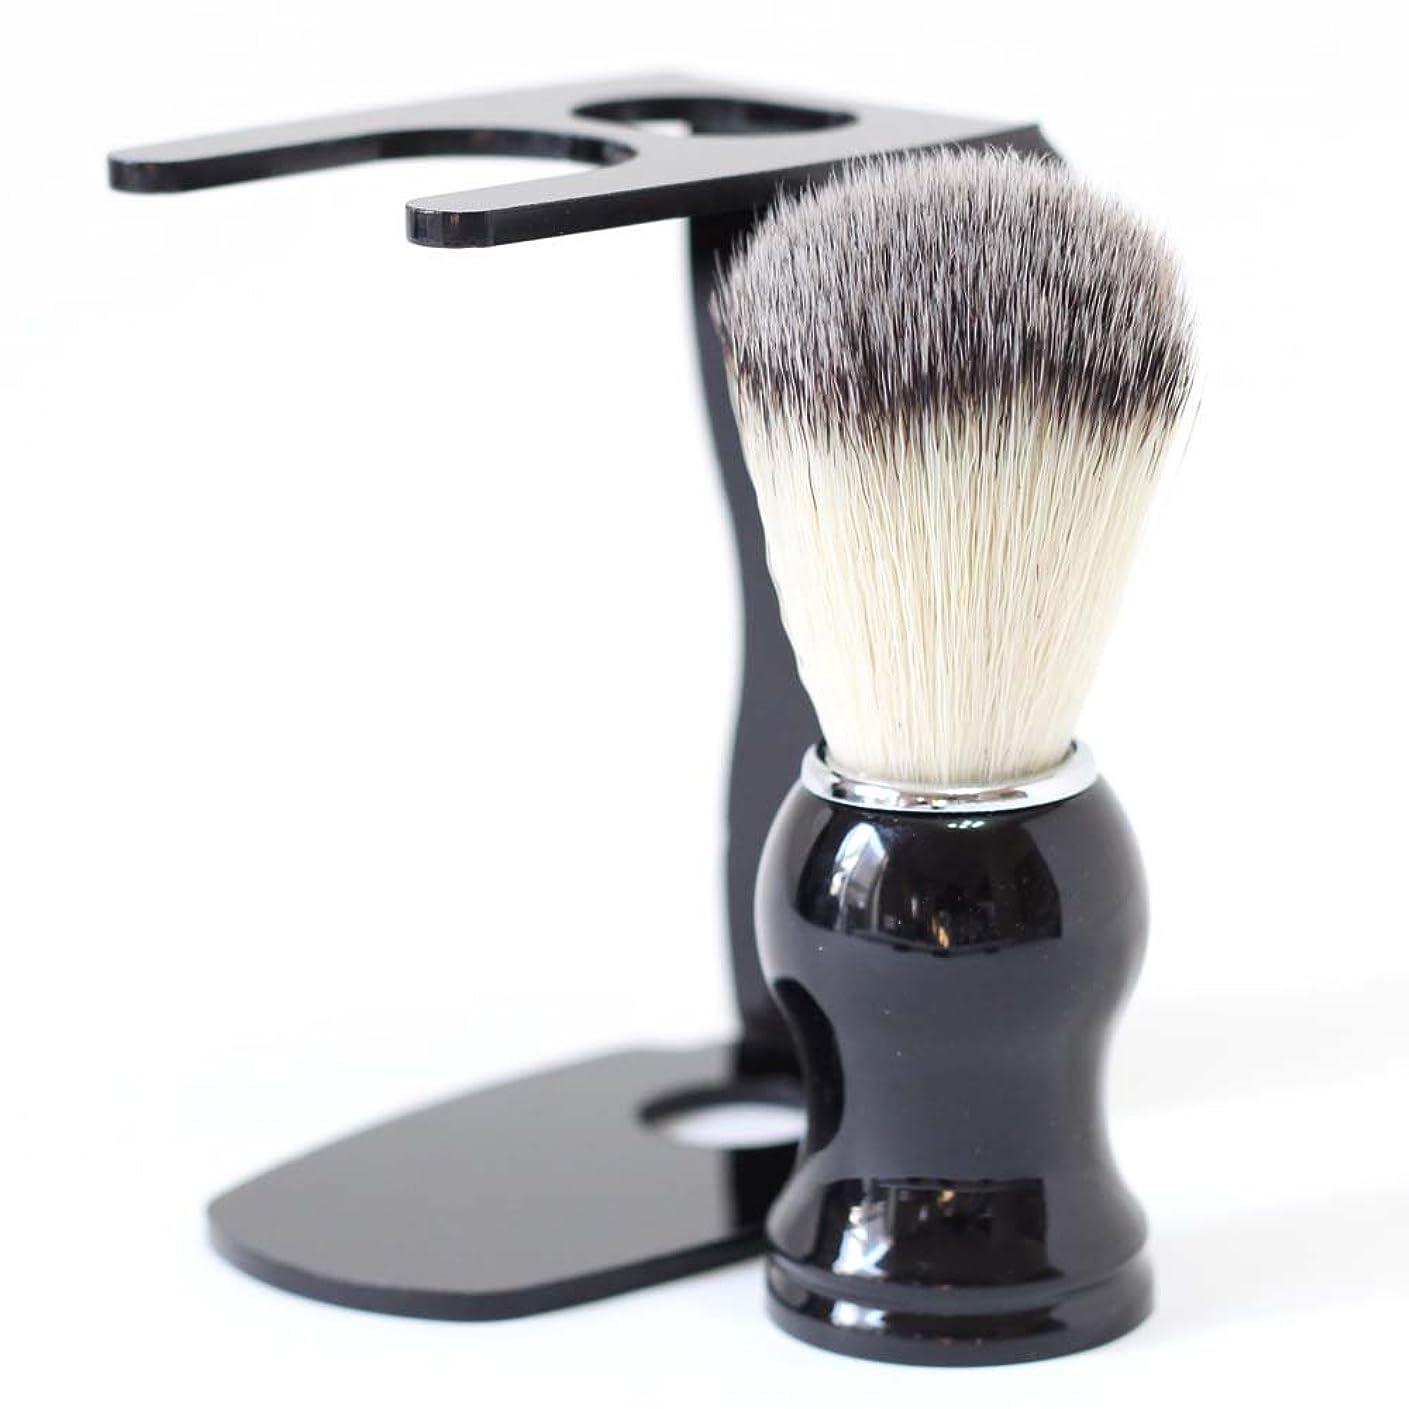 として事前電球【Barsado】泡立ちが違う 100% アナグマ 毛 シェービング ブラシ スタンド付き/理容 洗顔 髭剃り マッサージ 効果